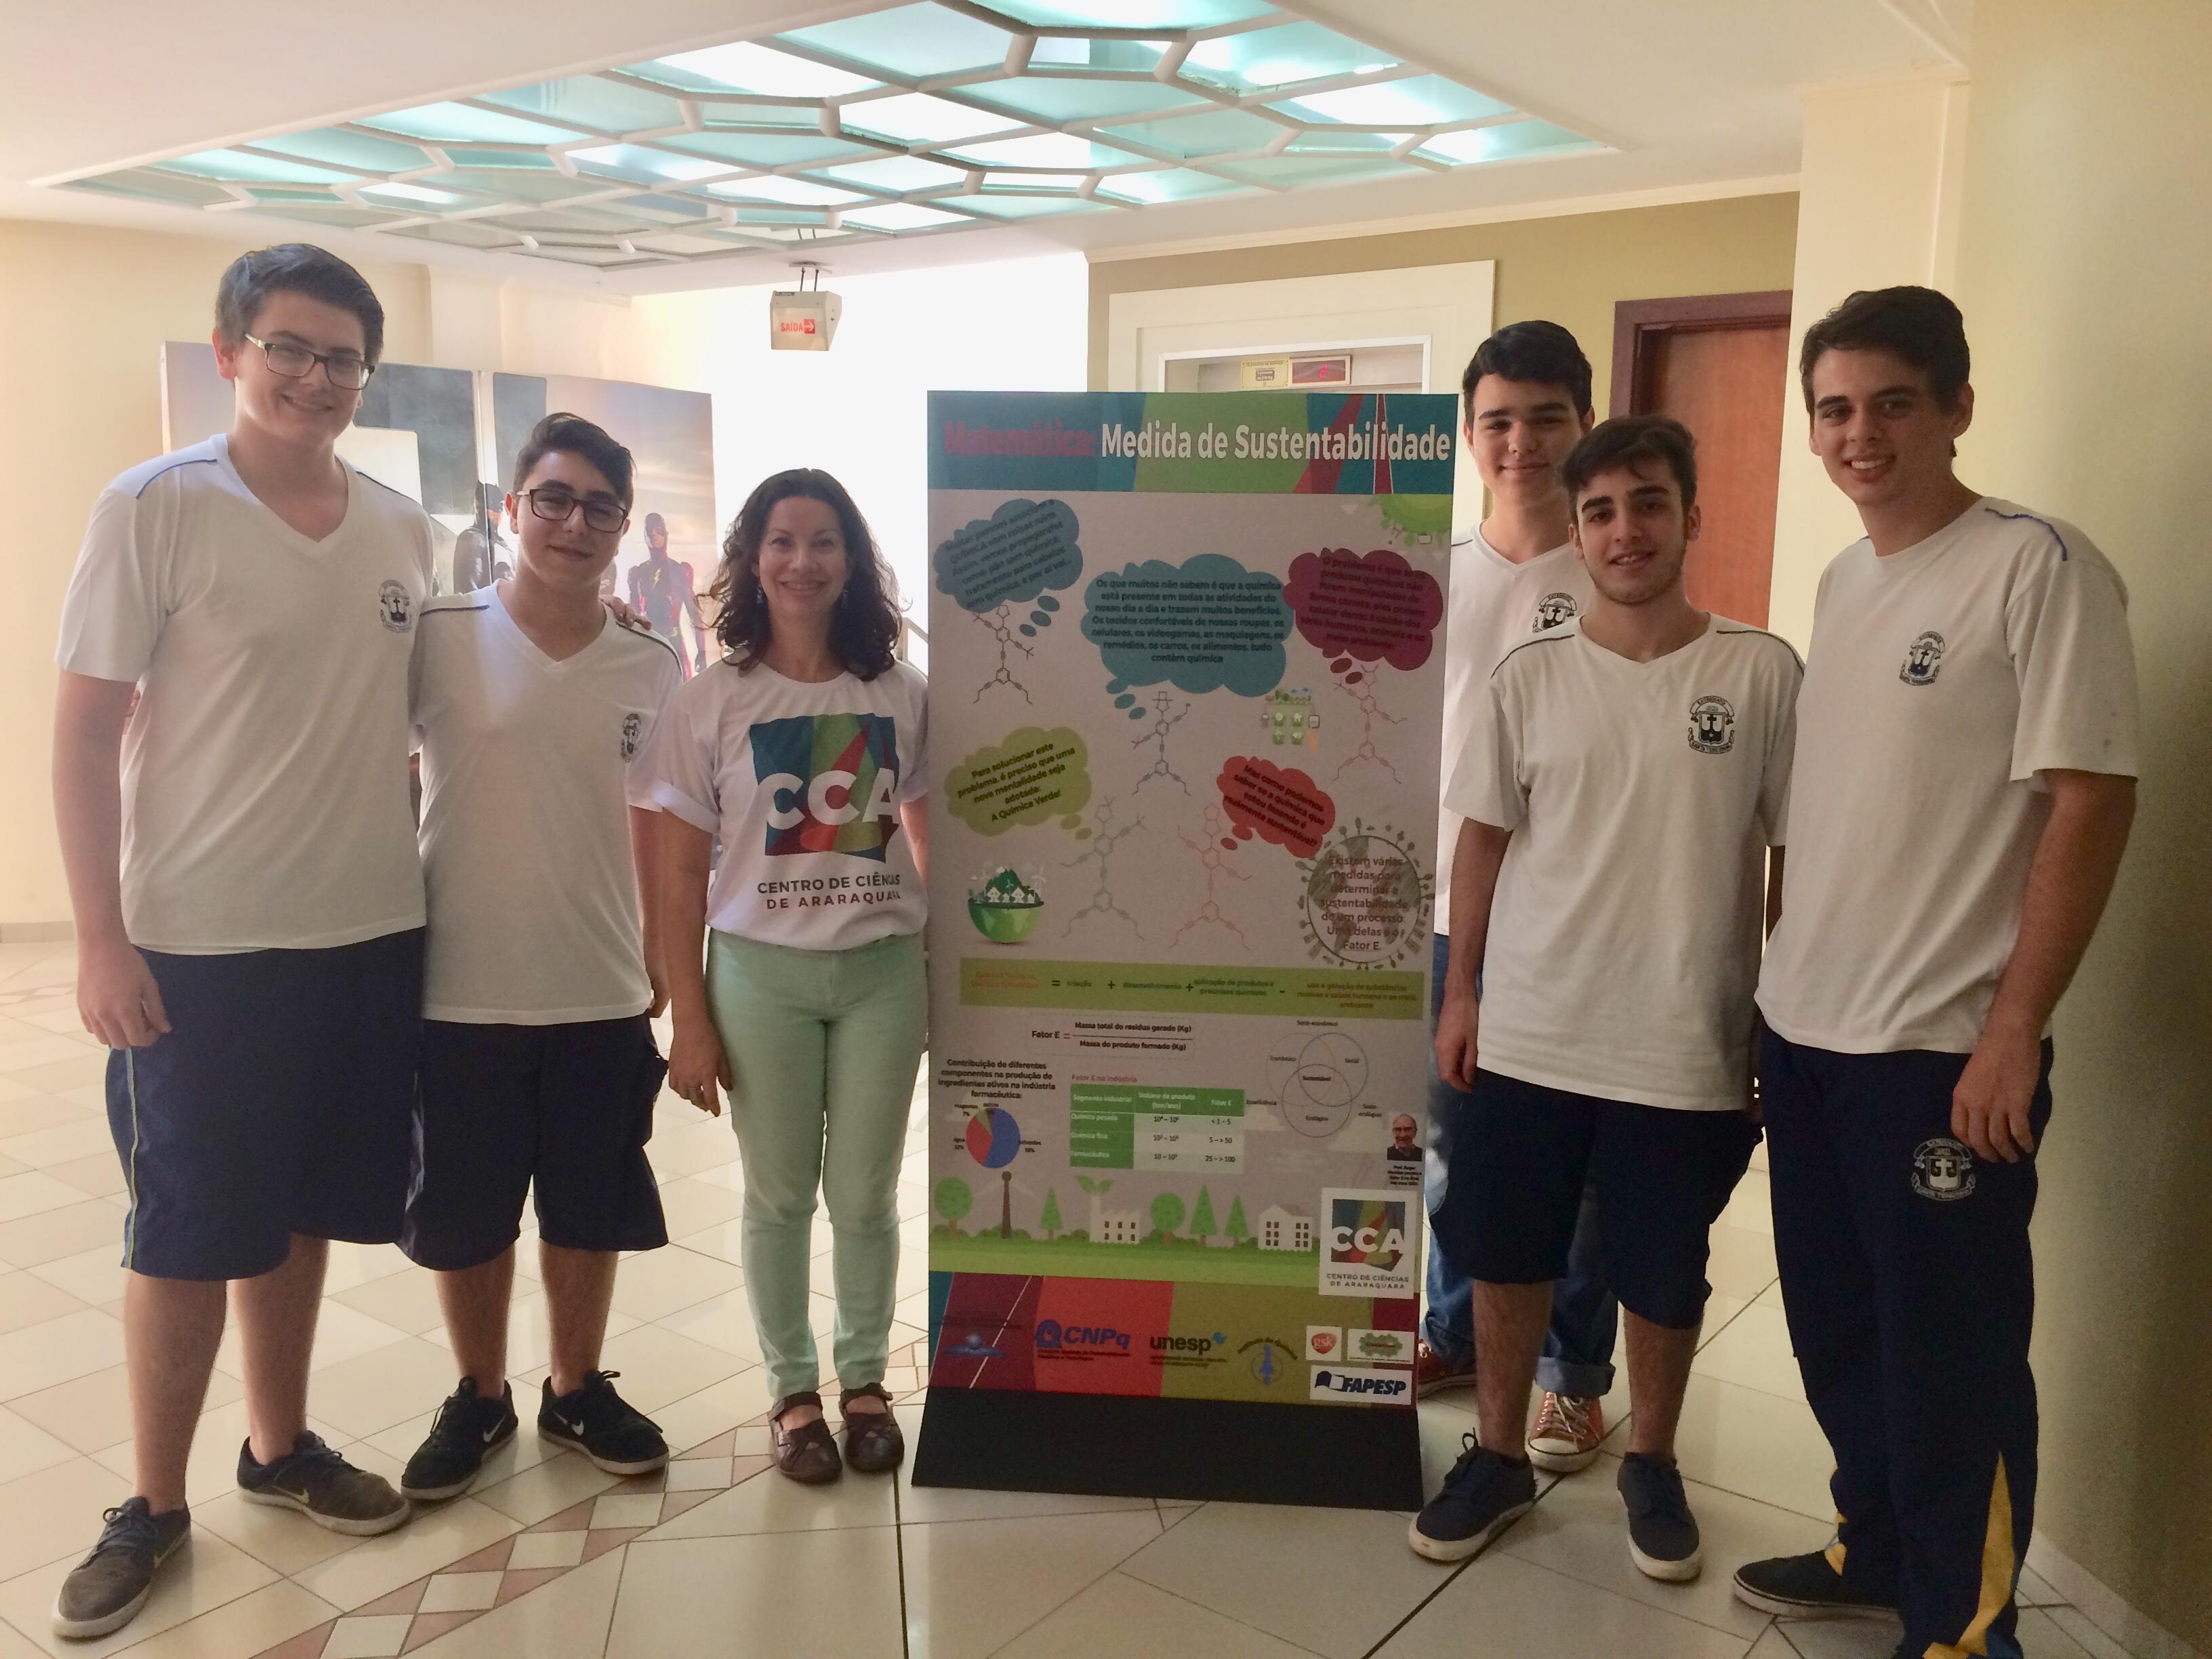 CerSusChem was present at the SNCT in Araraquara revering Mathematics!